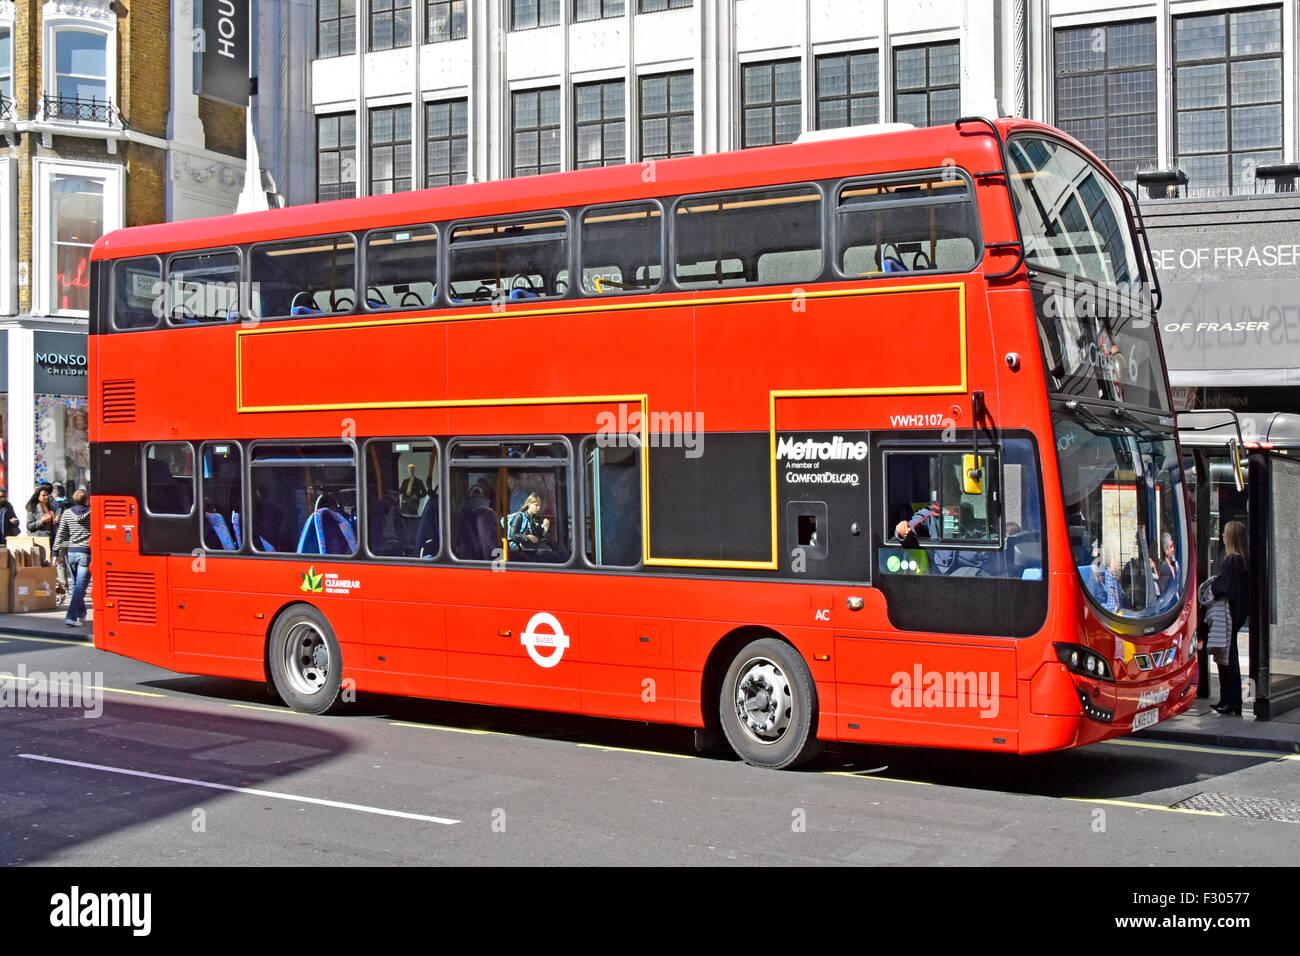 Bus à impériale de Londres rouge transports publics bus hybride Un Air exploité par Metroline aucune Photo Stock